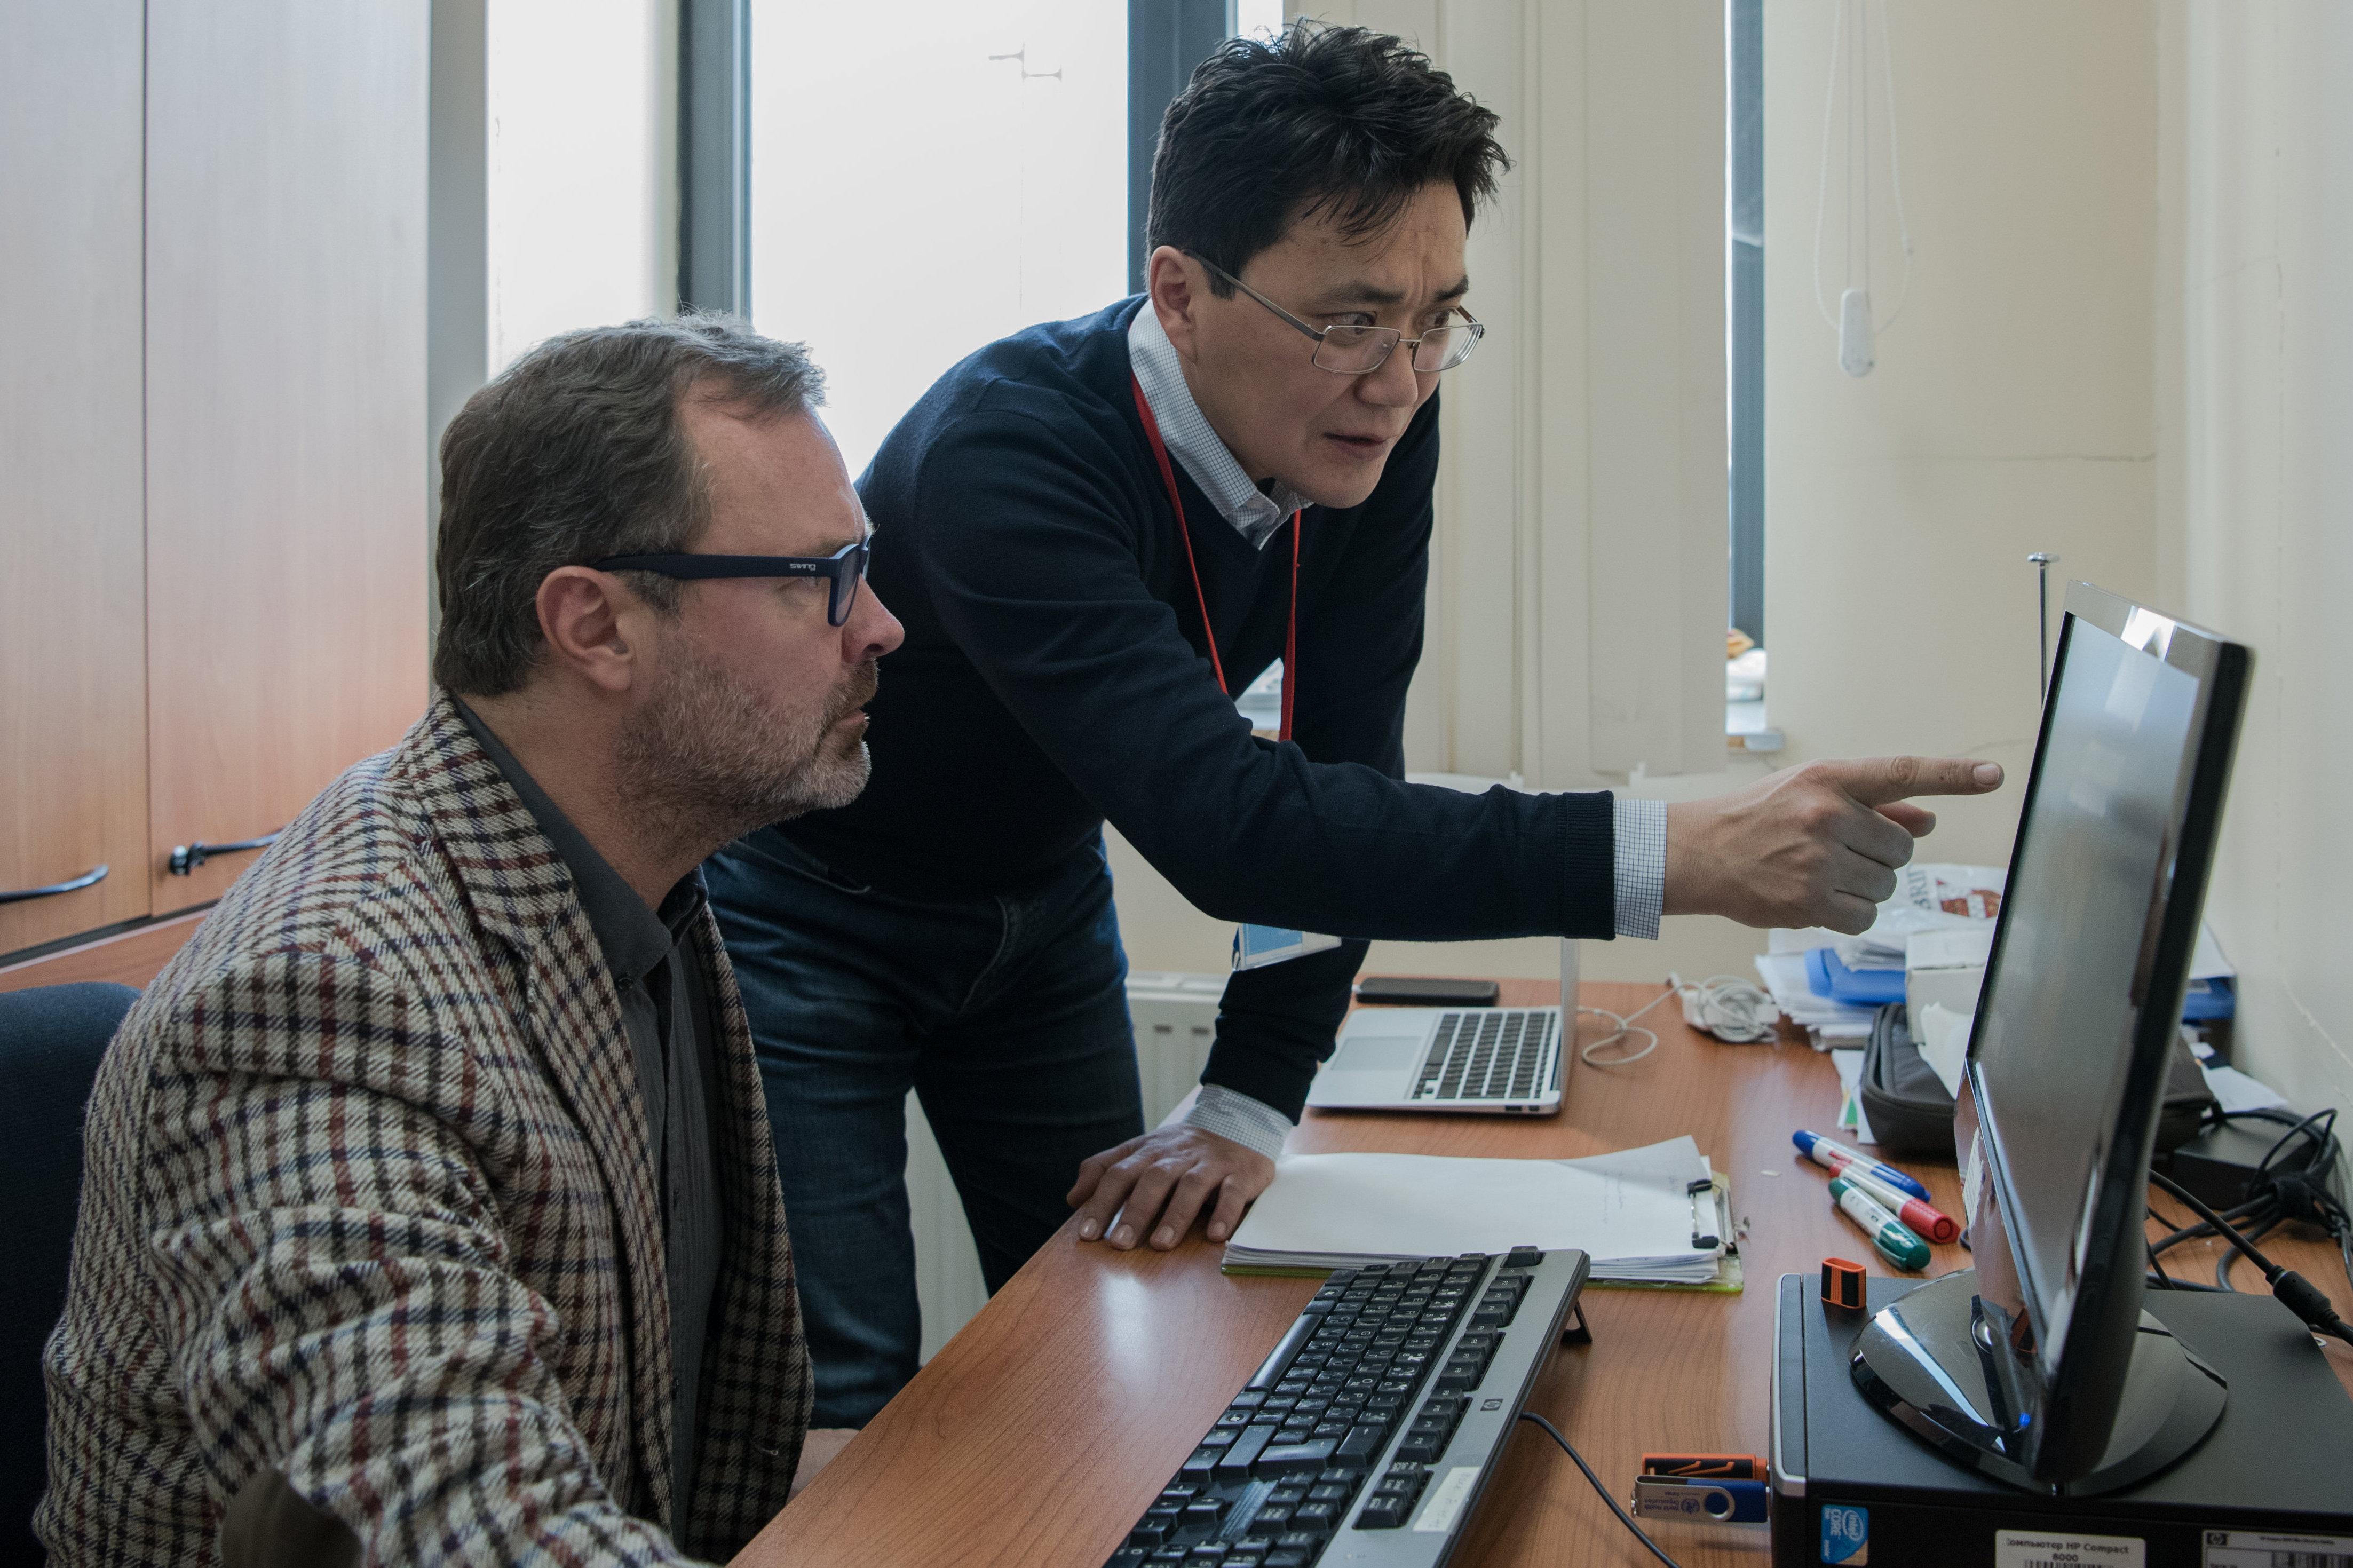 Главный внештатный неонатолог Минздрава Казахстана Бектурган Карин и его литовский коллега, консультант ВОЗ по неонатологии Аудрюс Мачулявичус